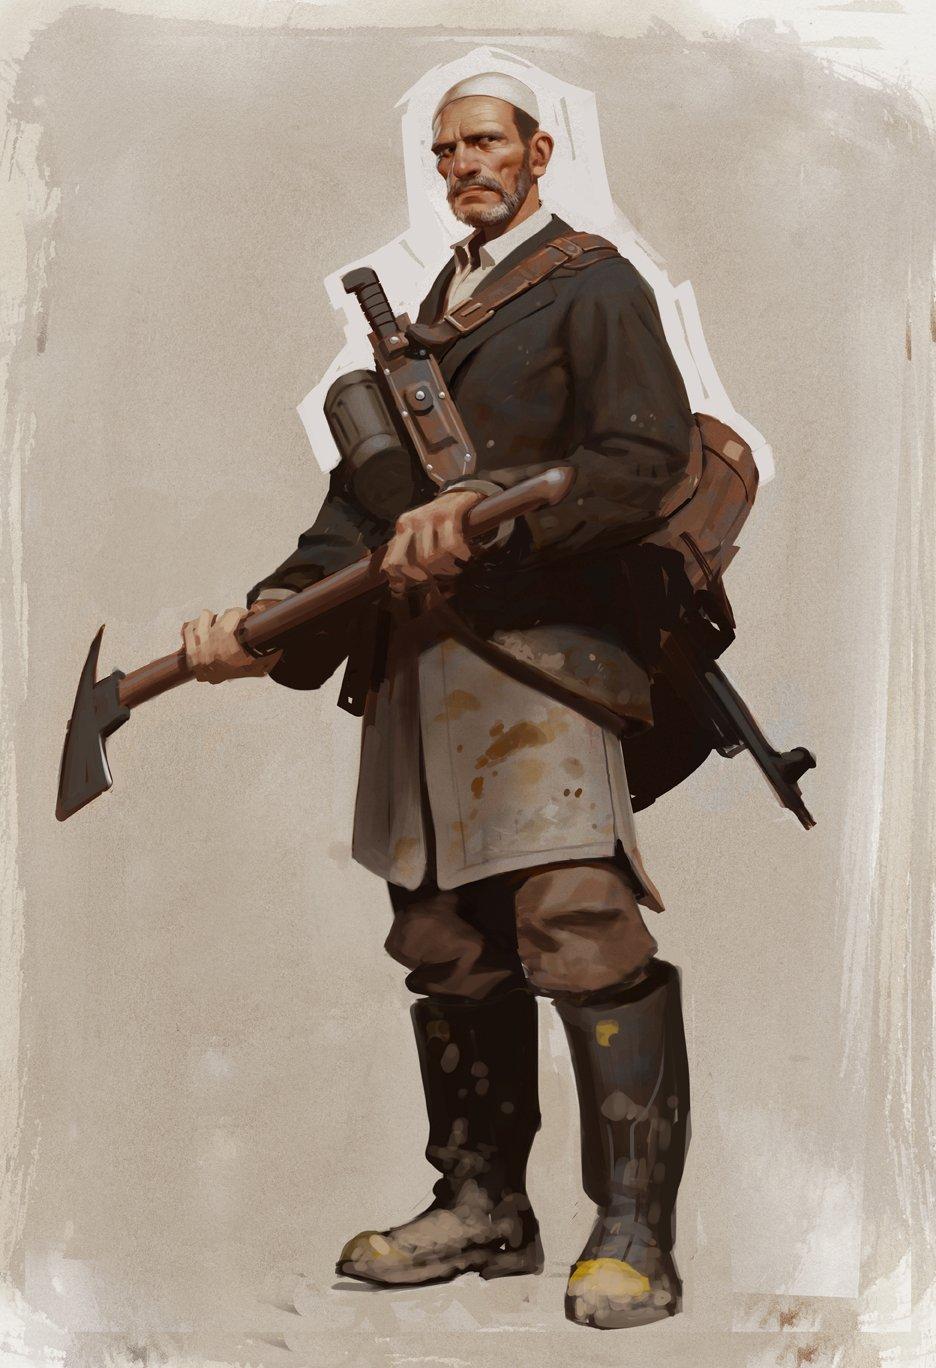 Утечка: первые концепт-арты персонажей изLeft 4 Dead3   Канобу - Изображение 2